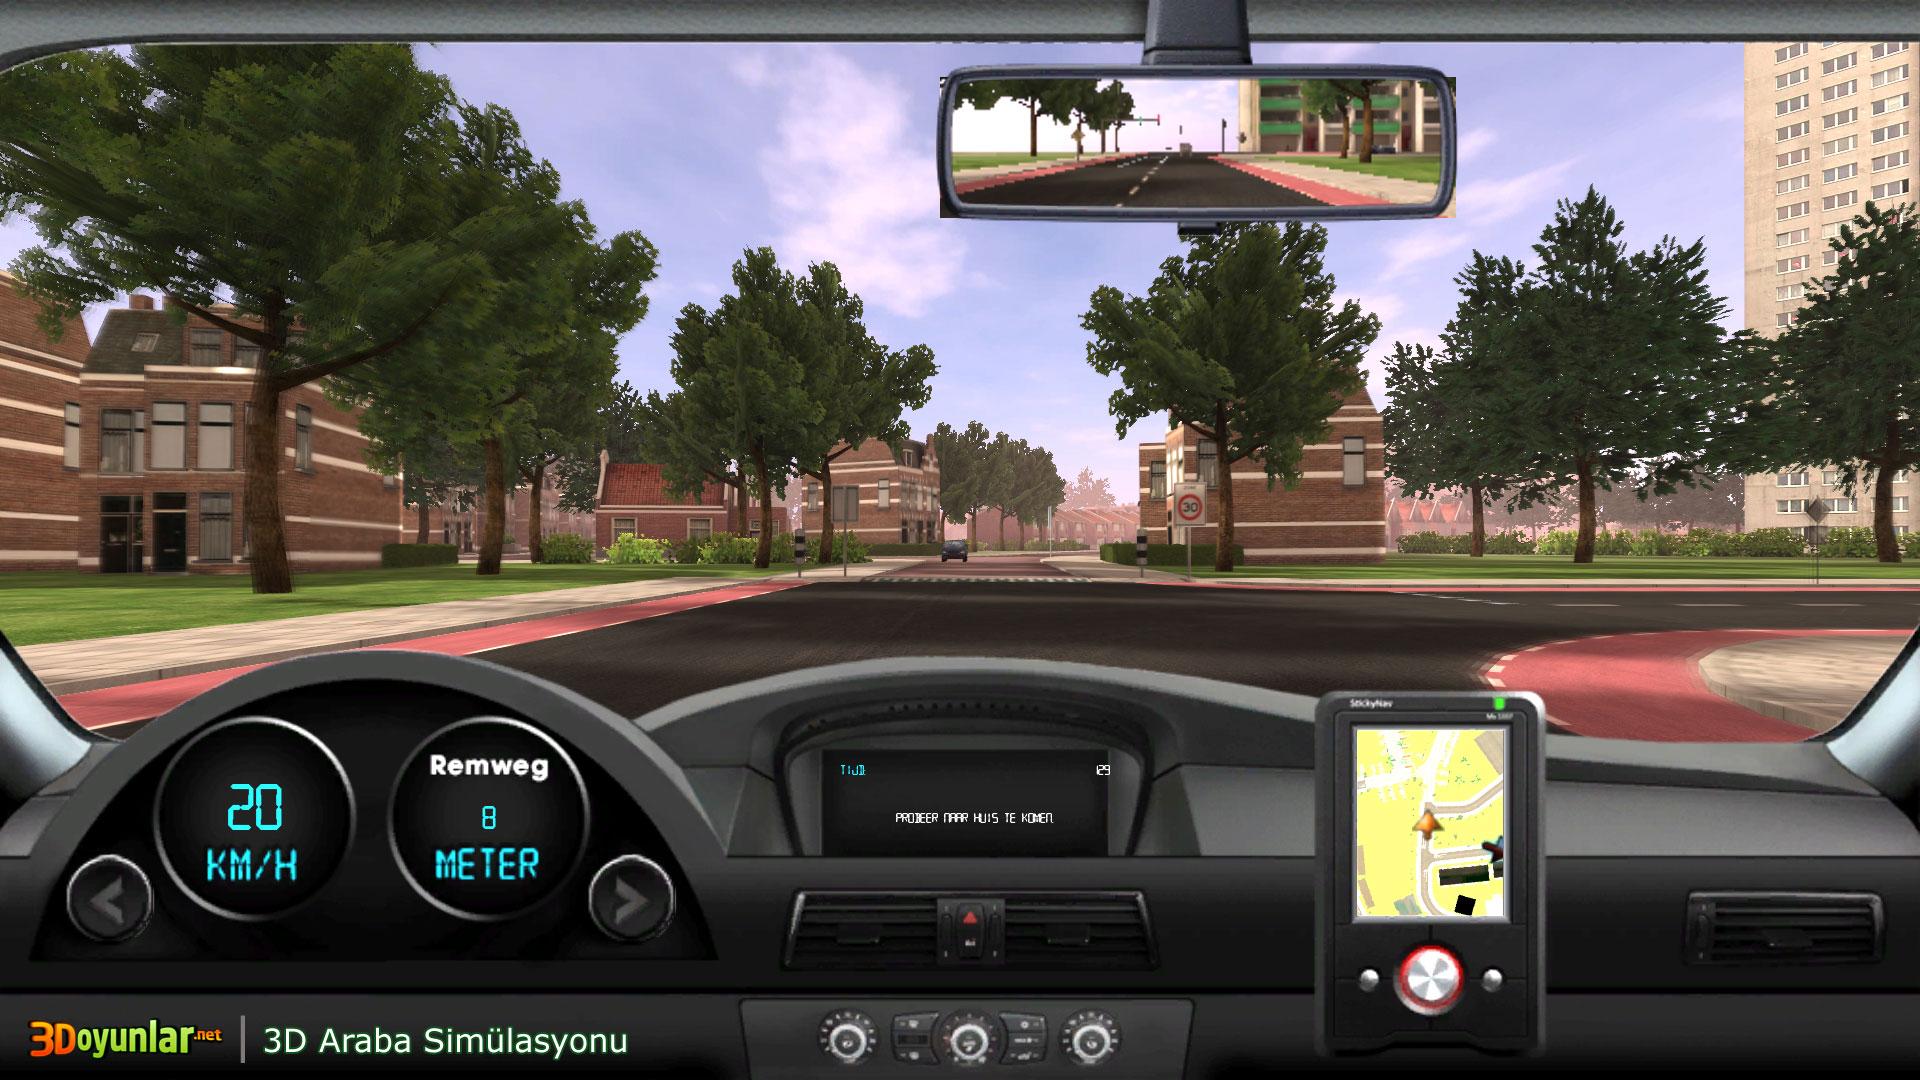 3d Araba Simülasyonu Oyunu 3d Araba Oyunları Oyna